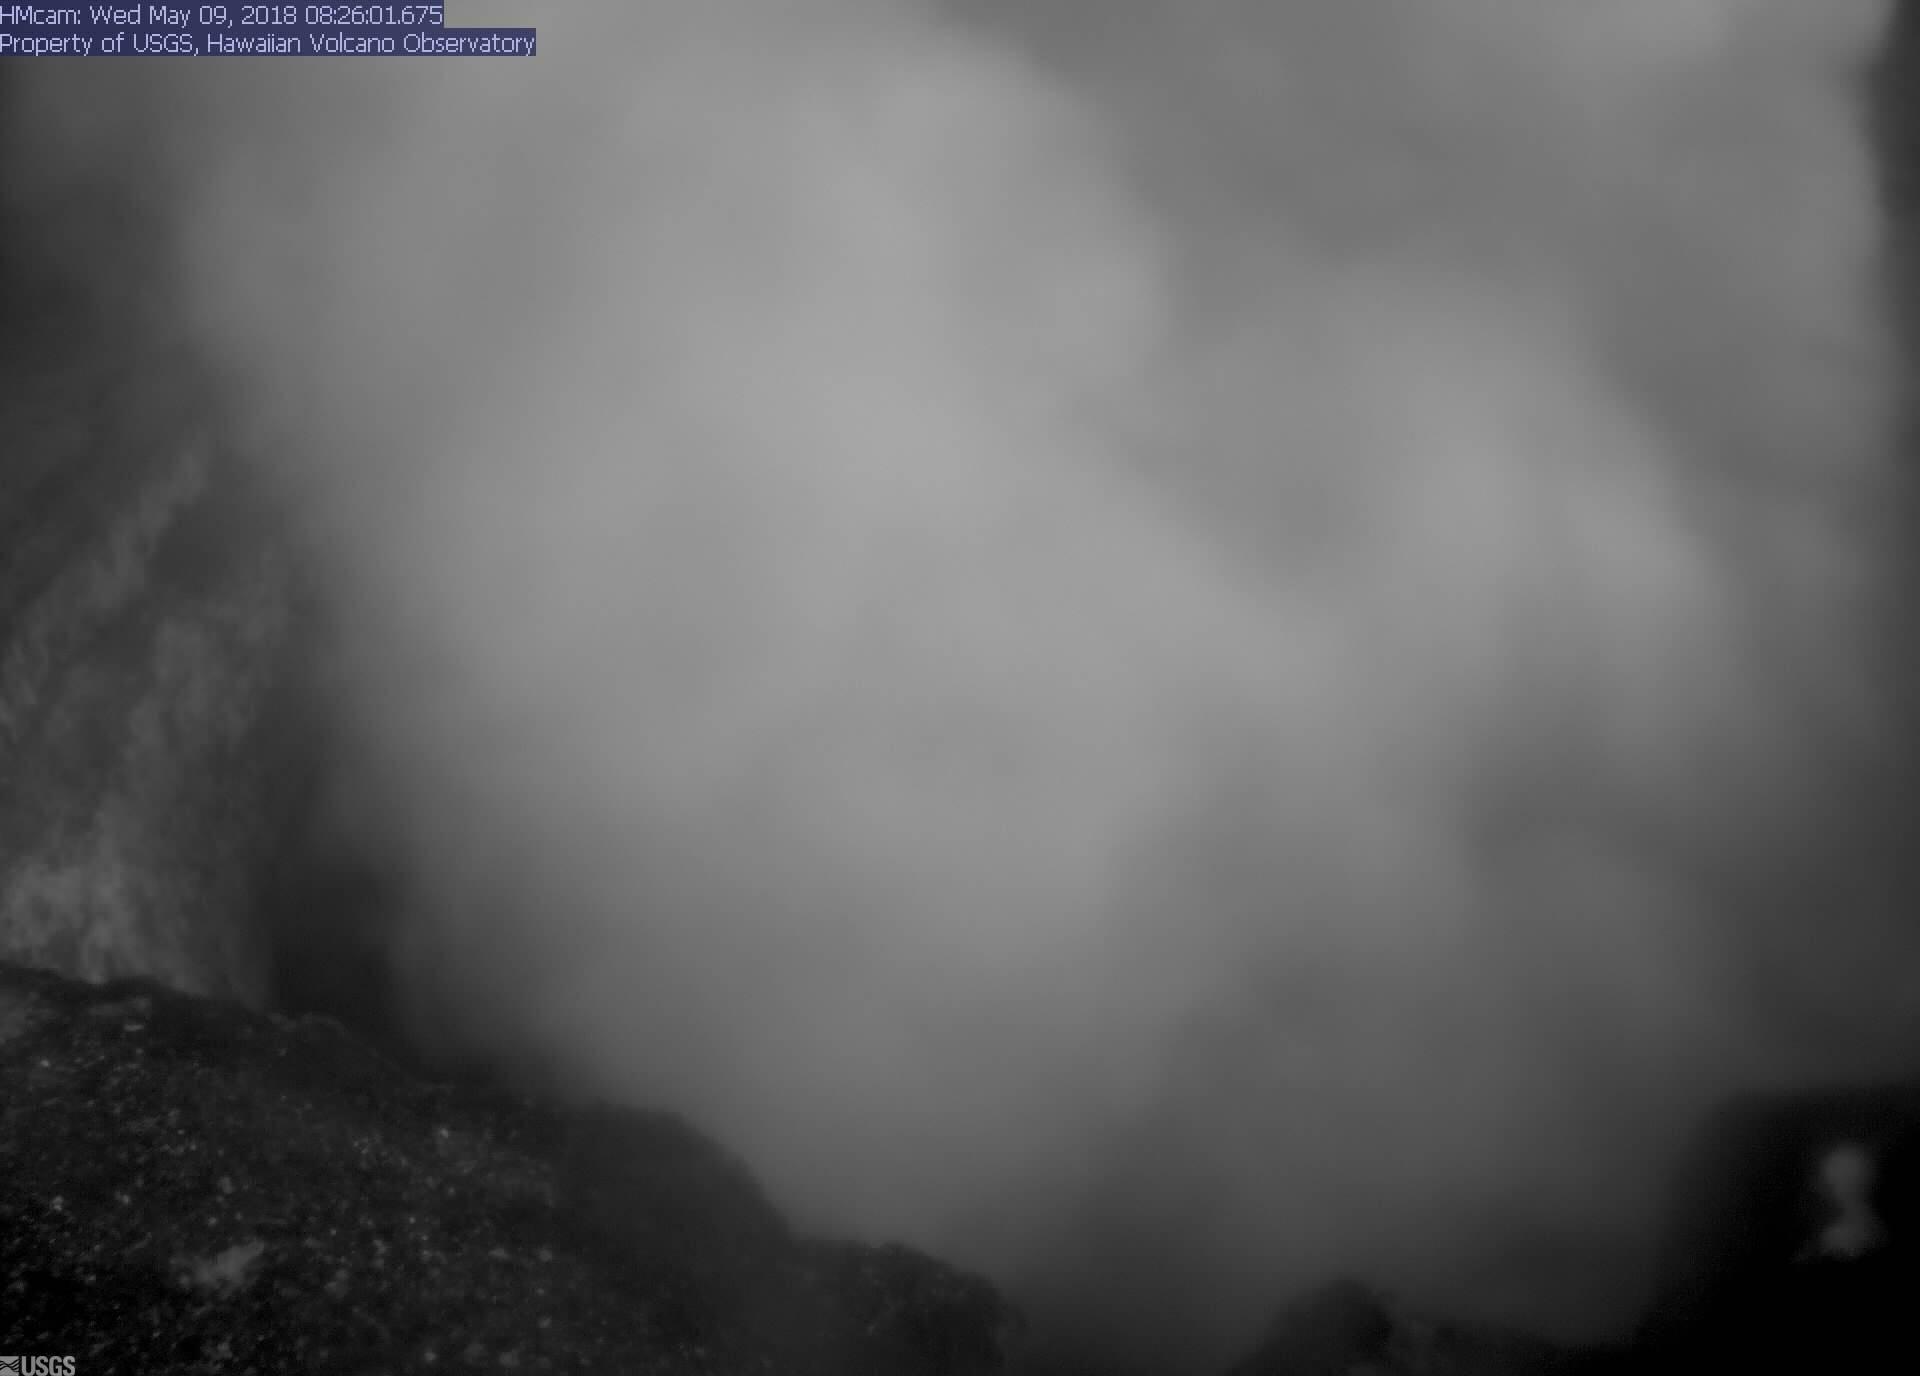 Kilauea Volcano Vent